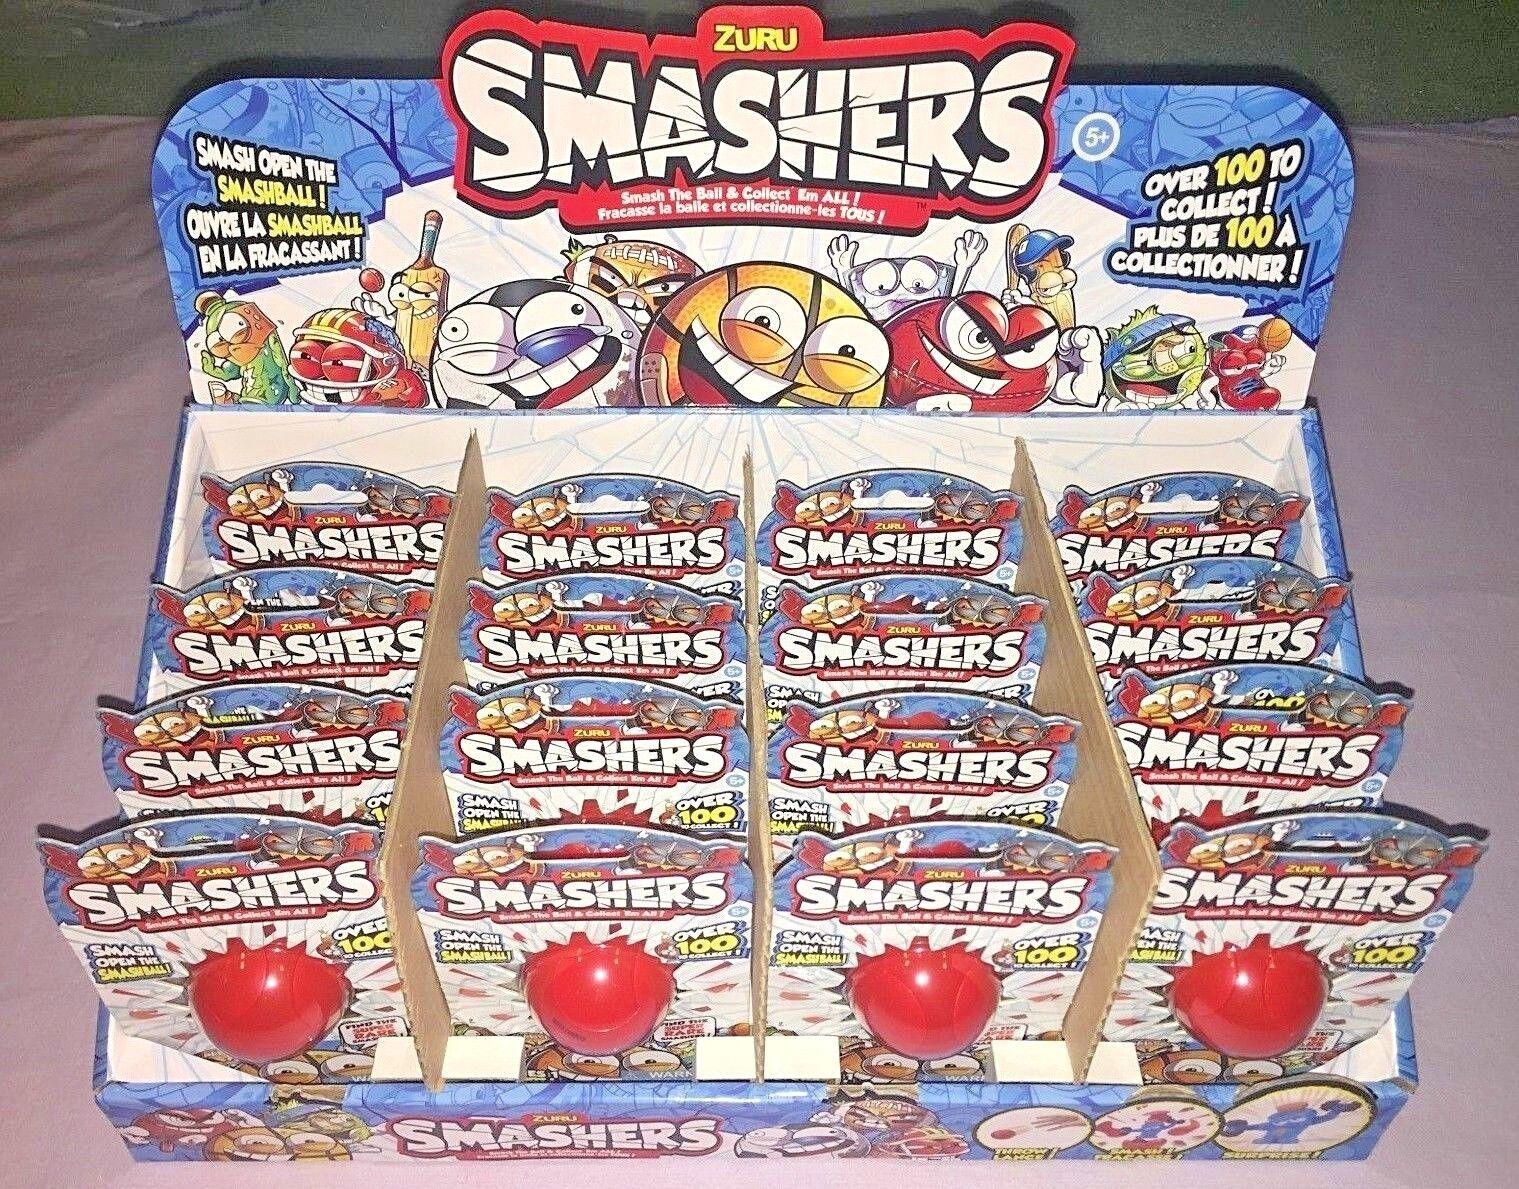 ZURU SMASHERS FULL BOX OF 16 SERIES 1 SPORT SMASHBALLS NEW